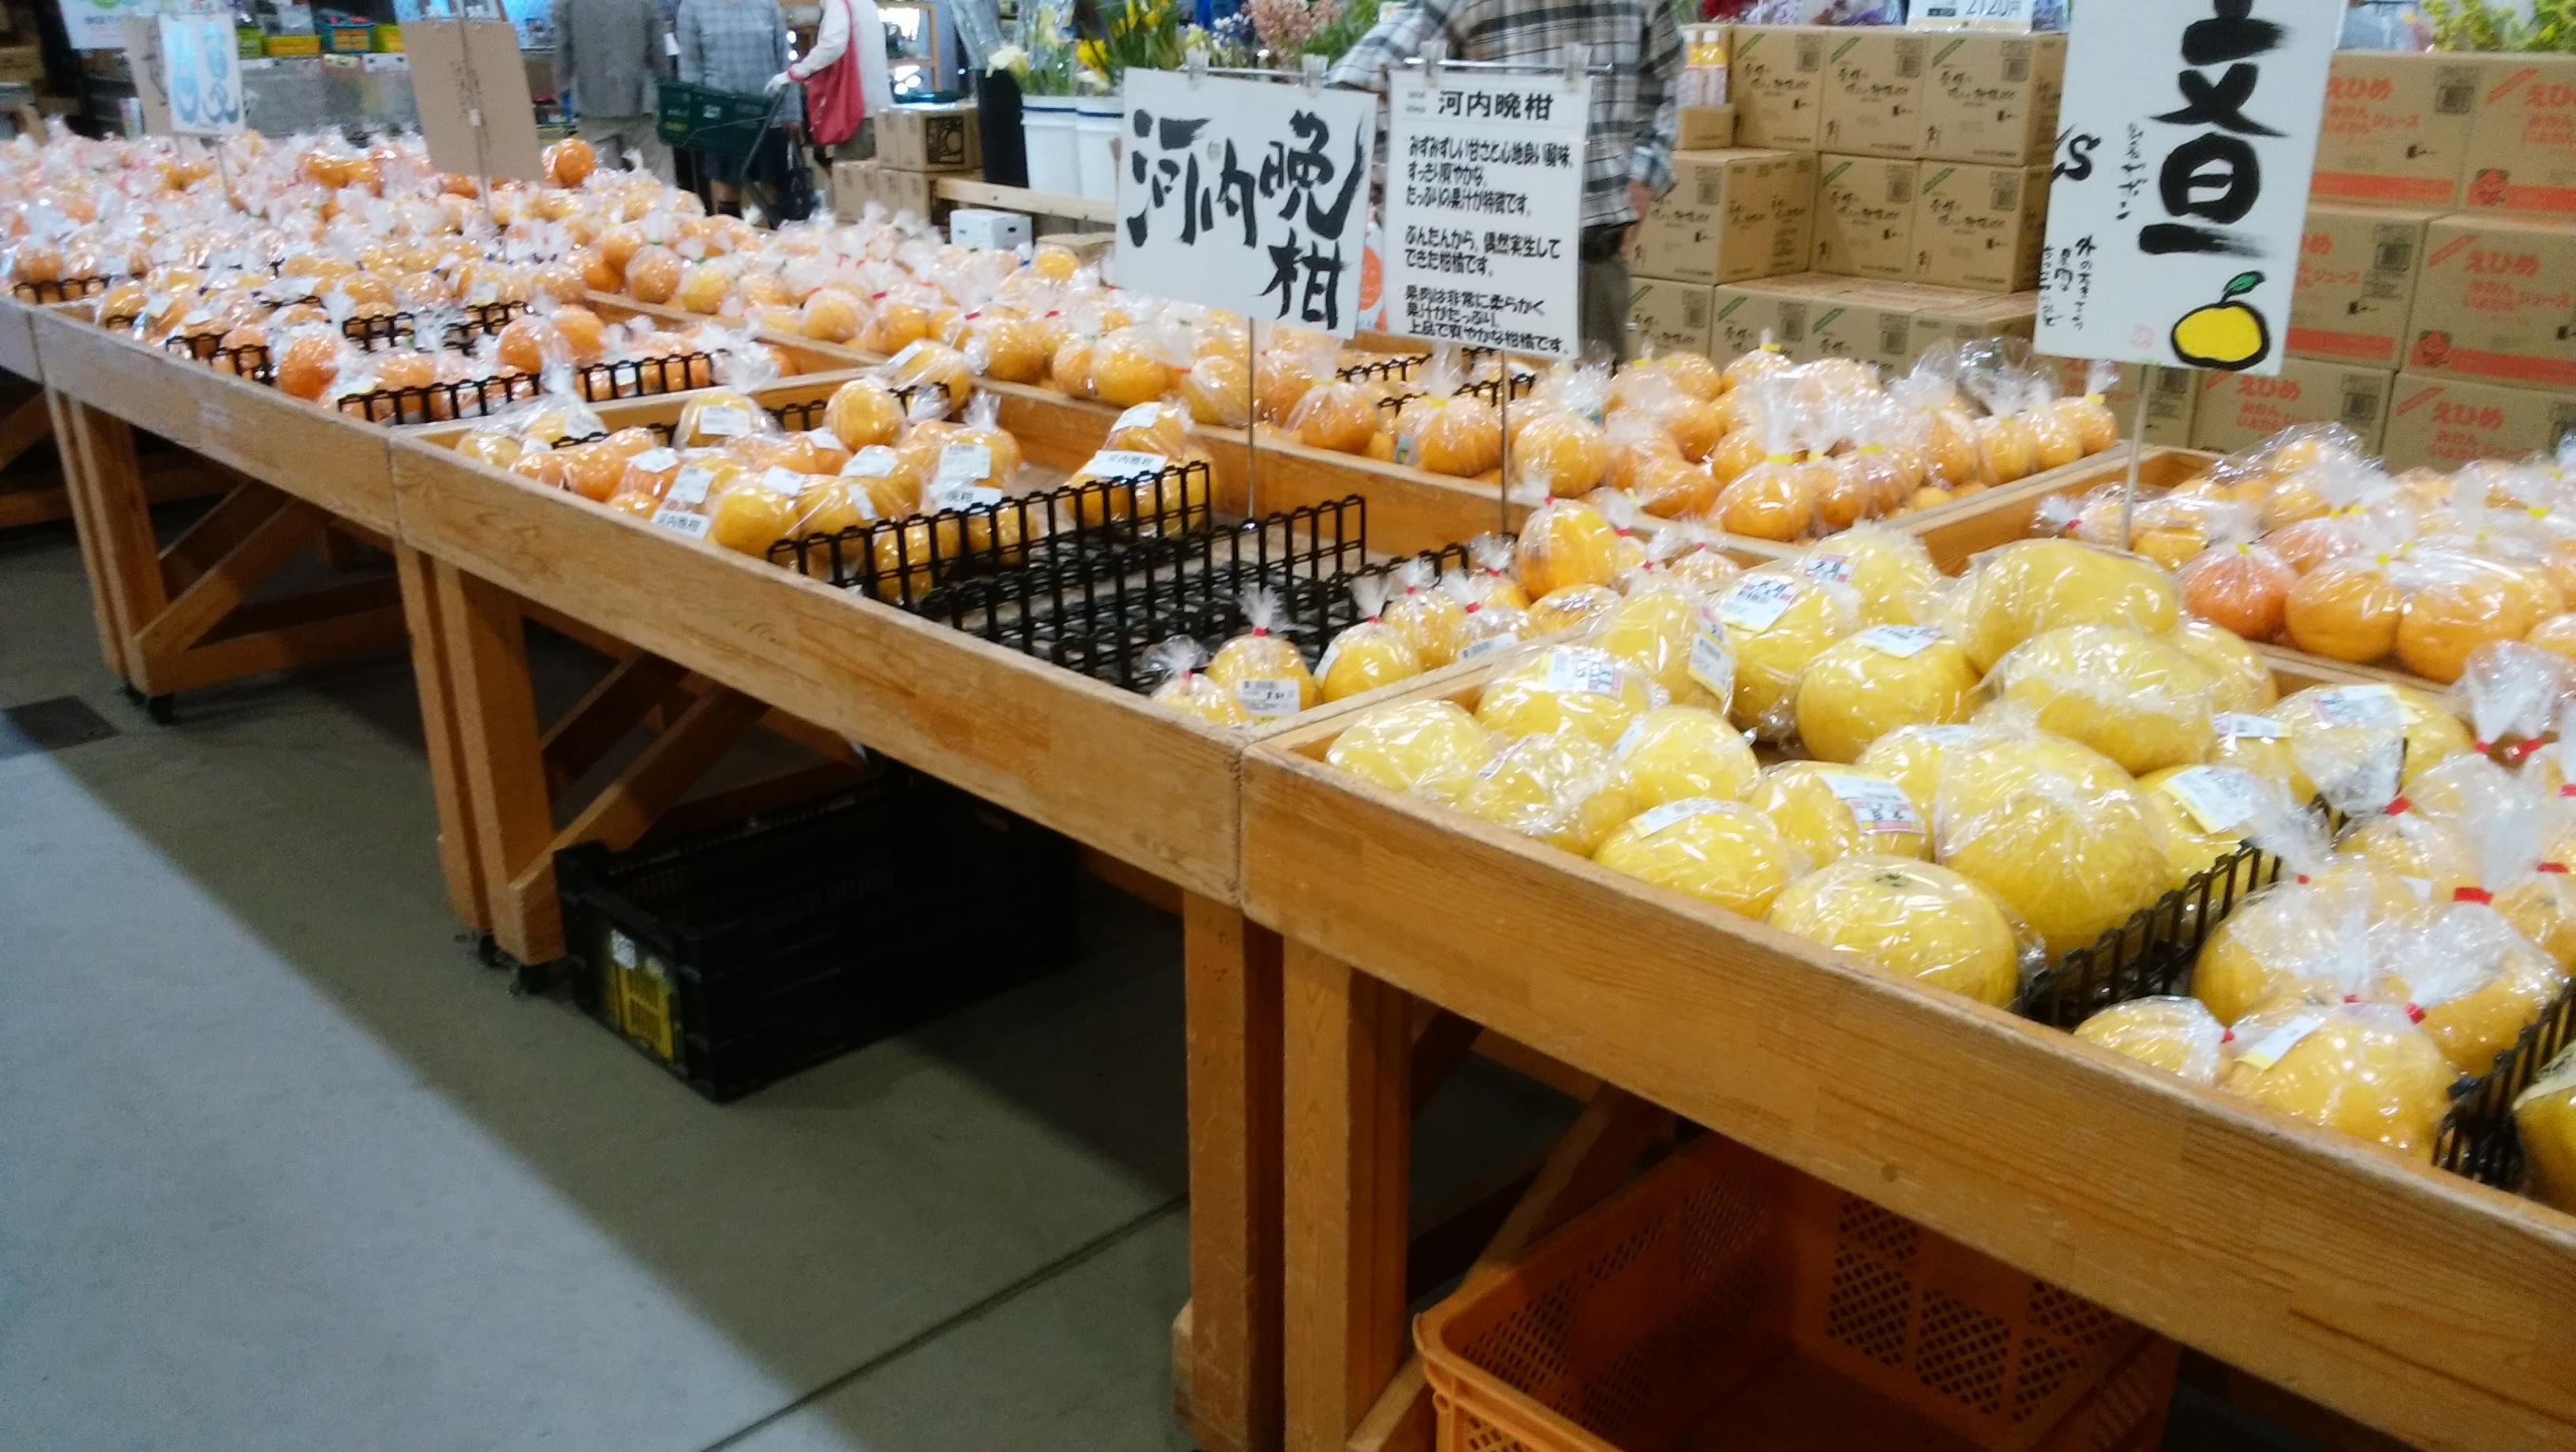 さいさいきて屋柑橘系